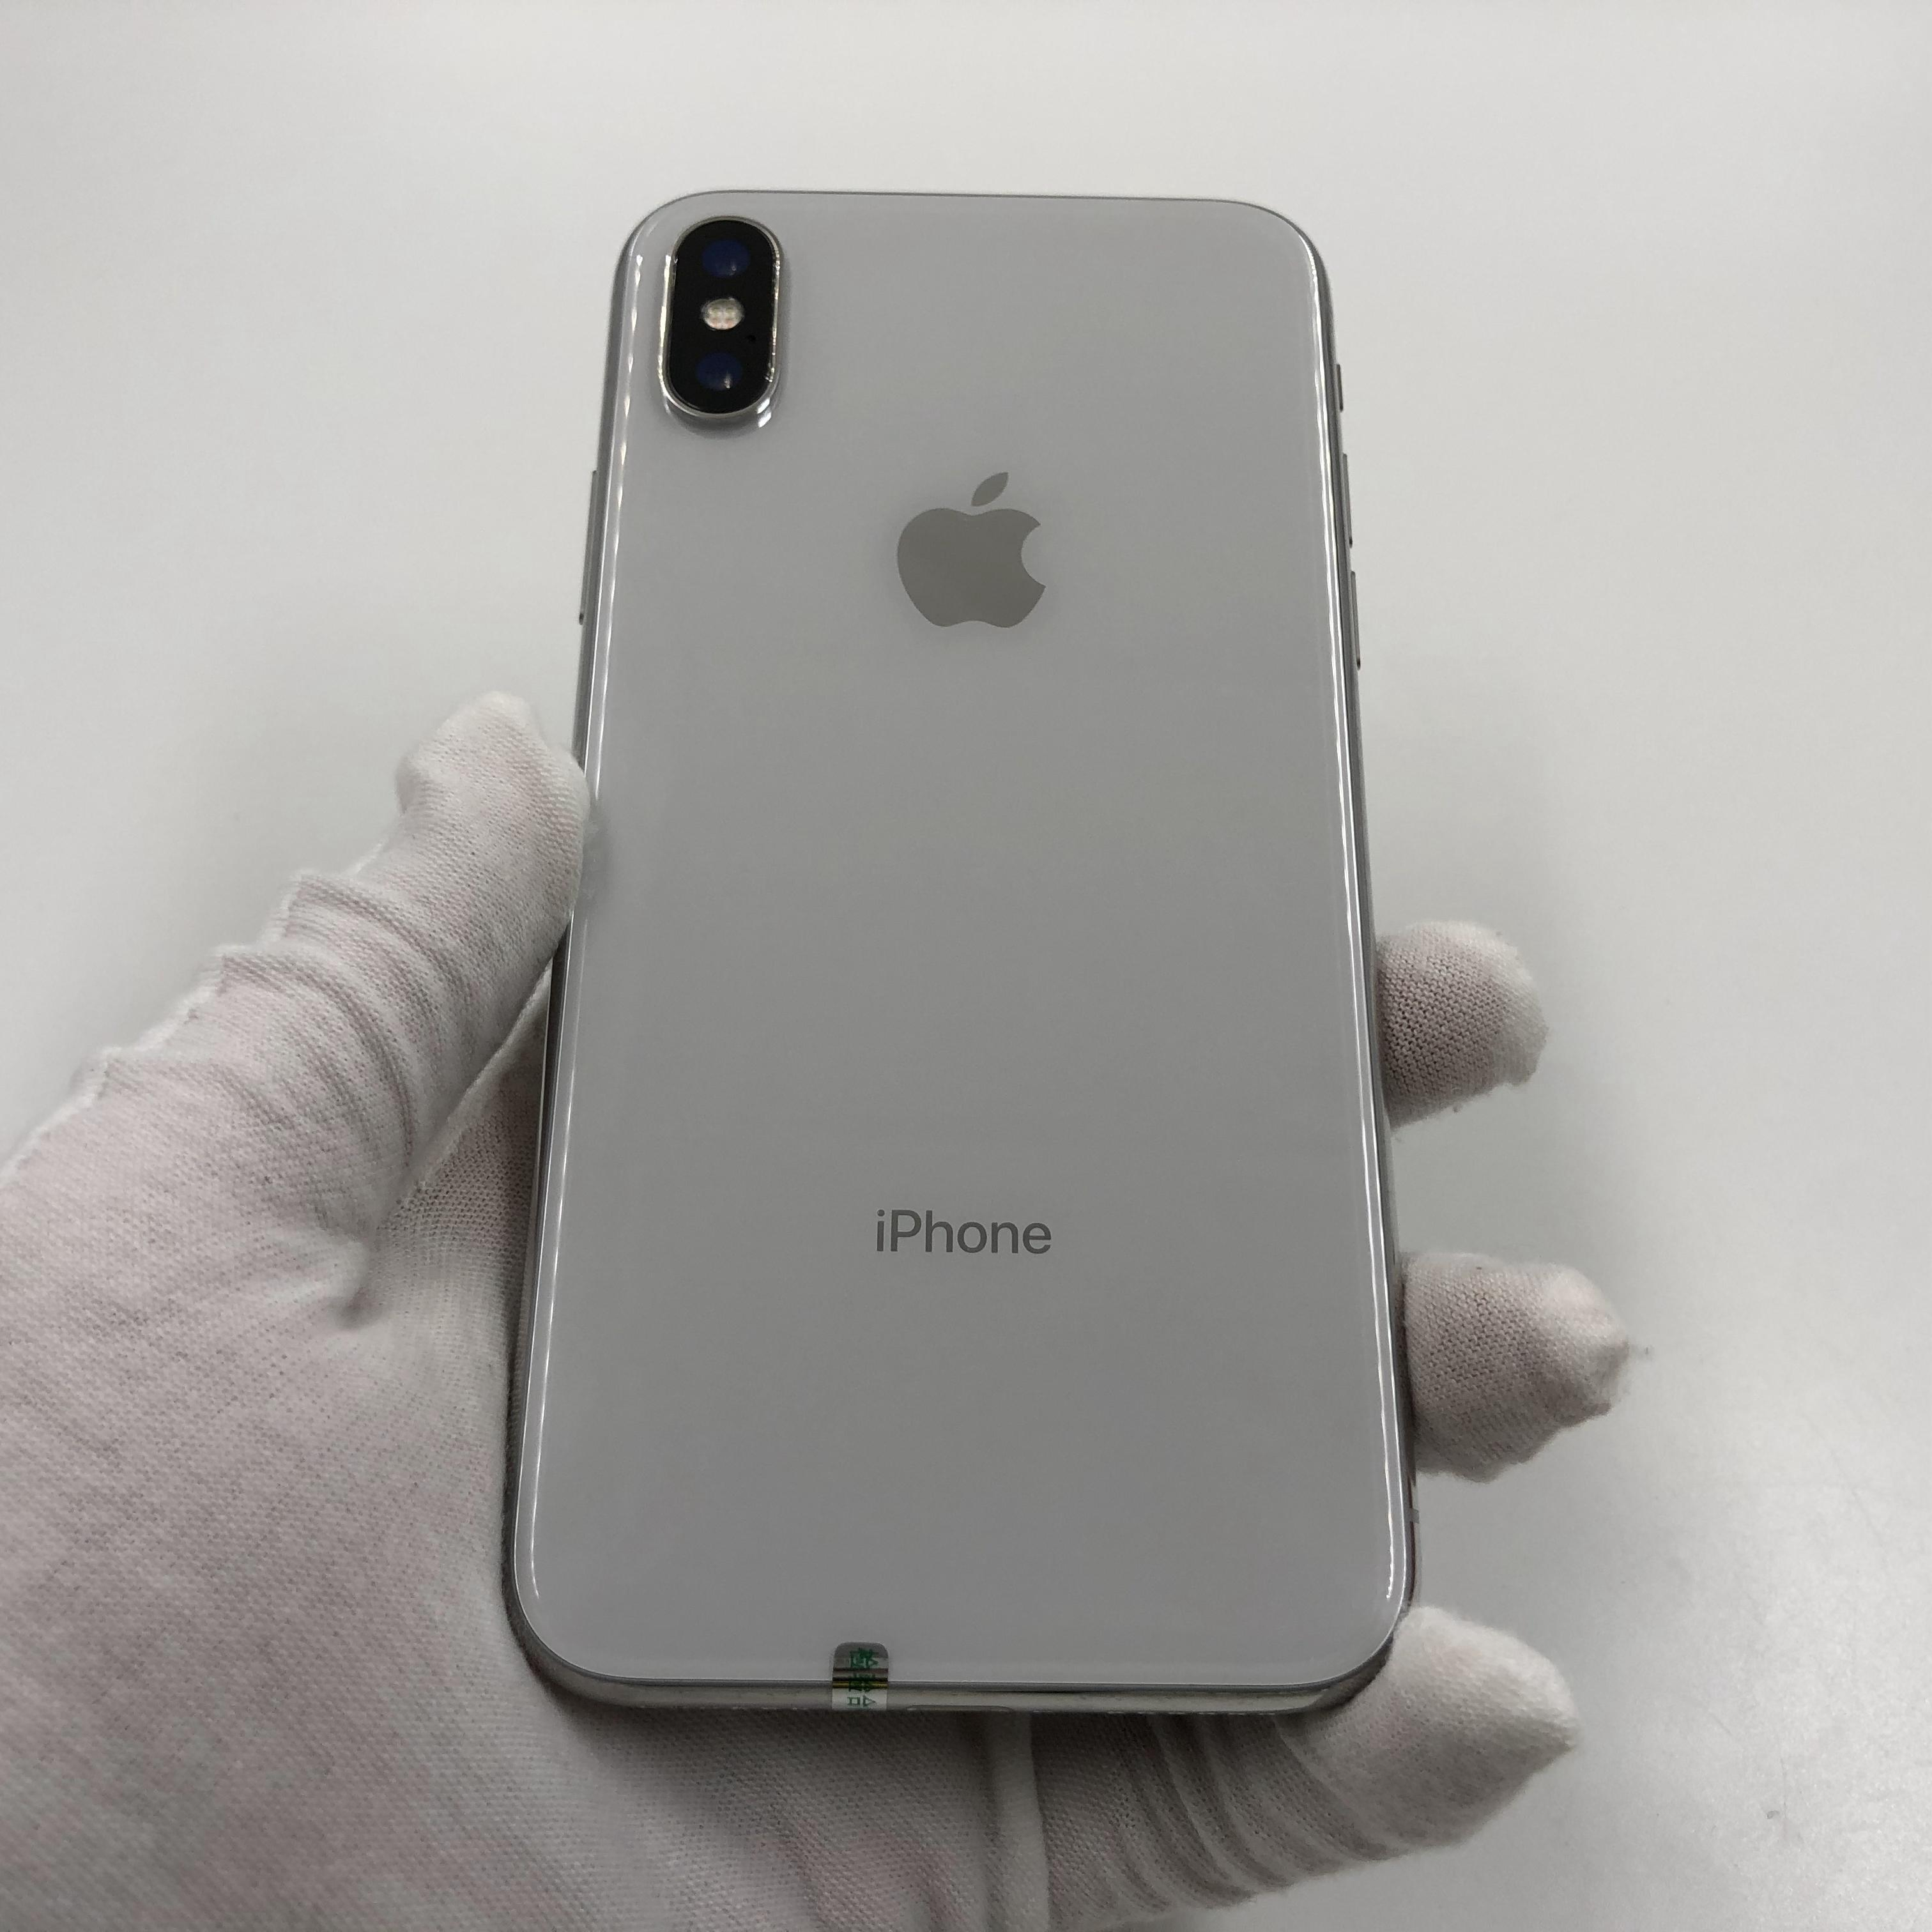 苹果【iPhone X】4G全网通 银色 256G 国行 8成新 真机实拍